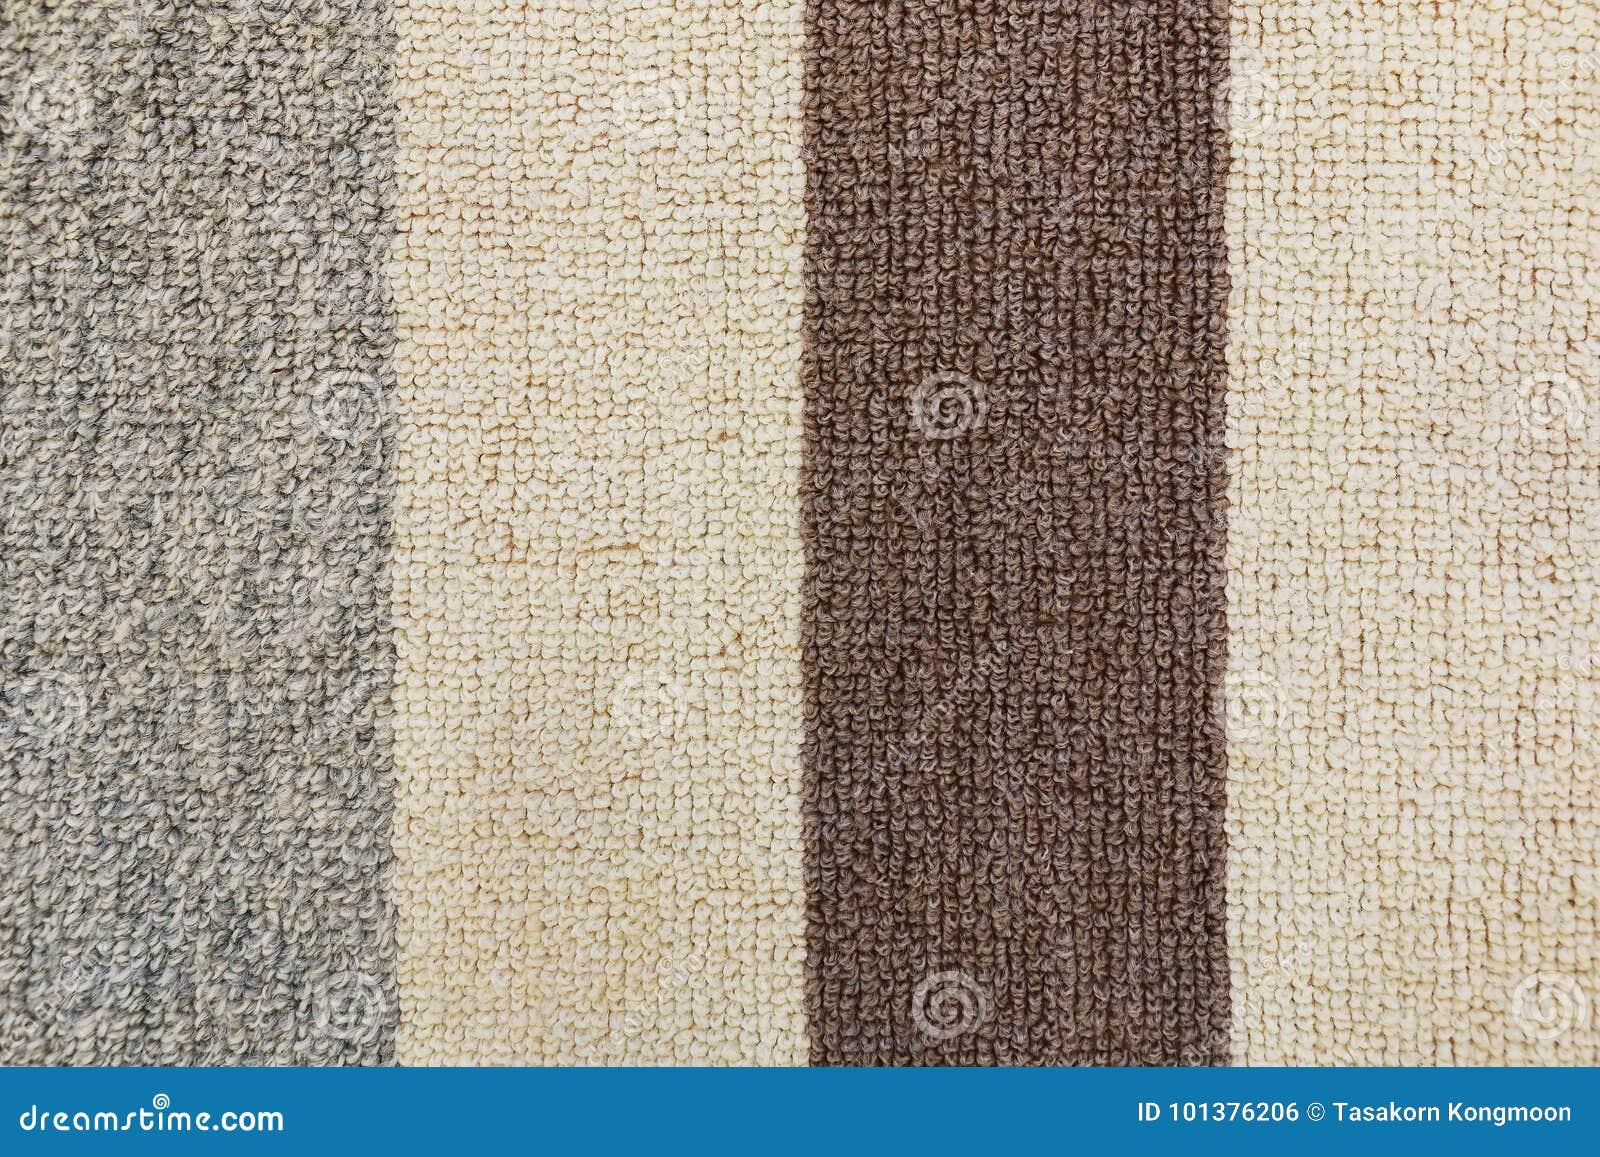 Elegante woolen Teppichbeschaffenheit für Muster und Hintergrund